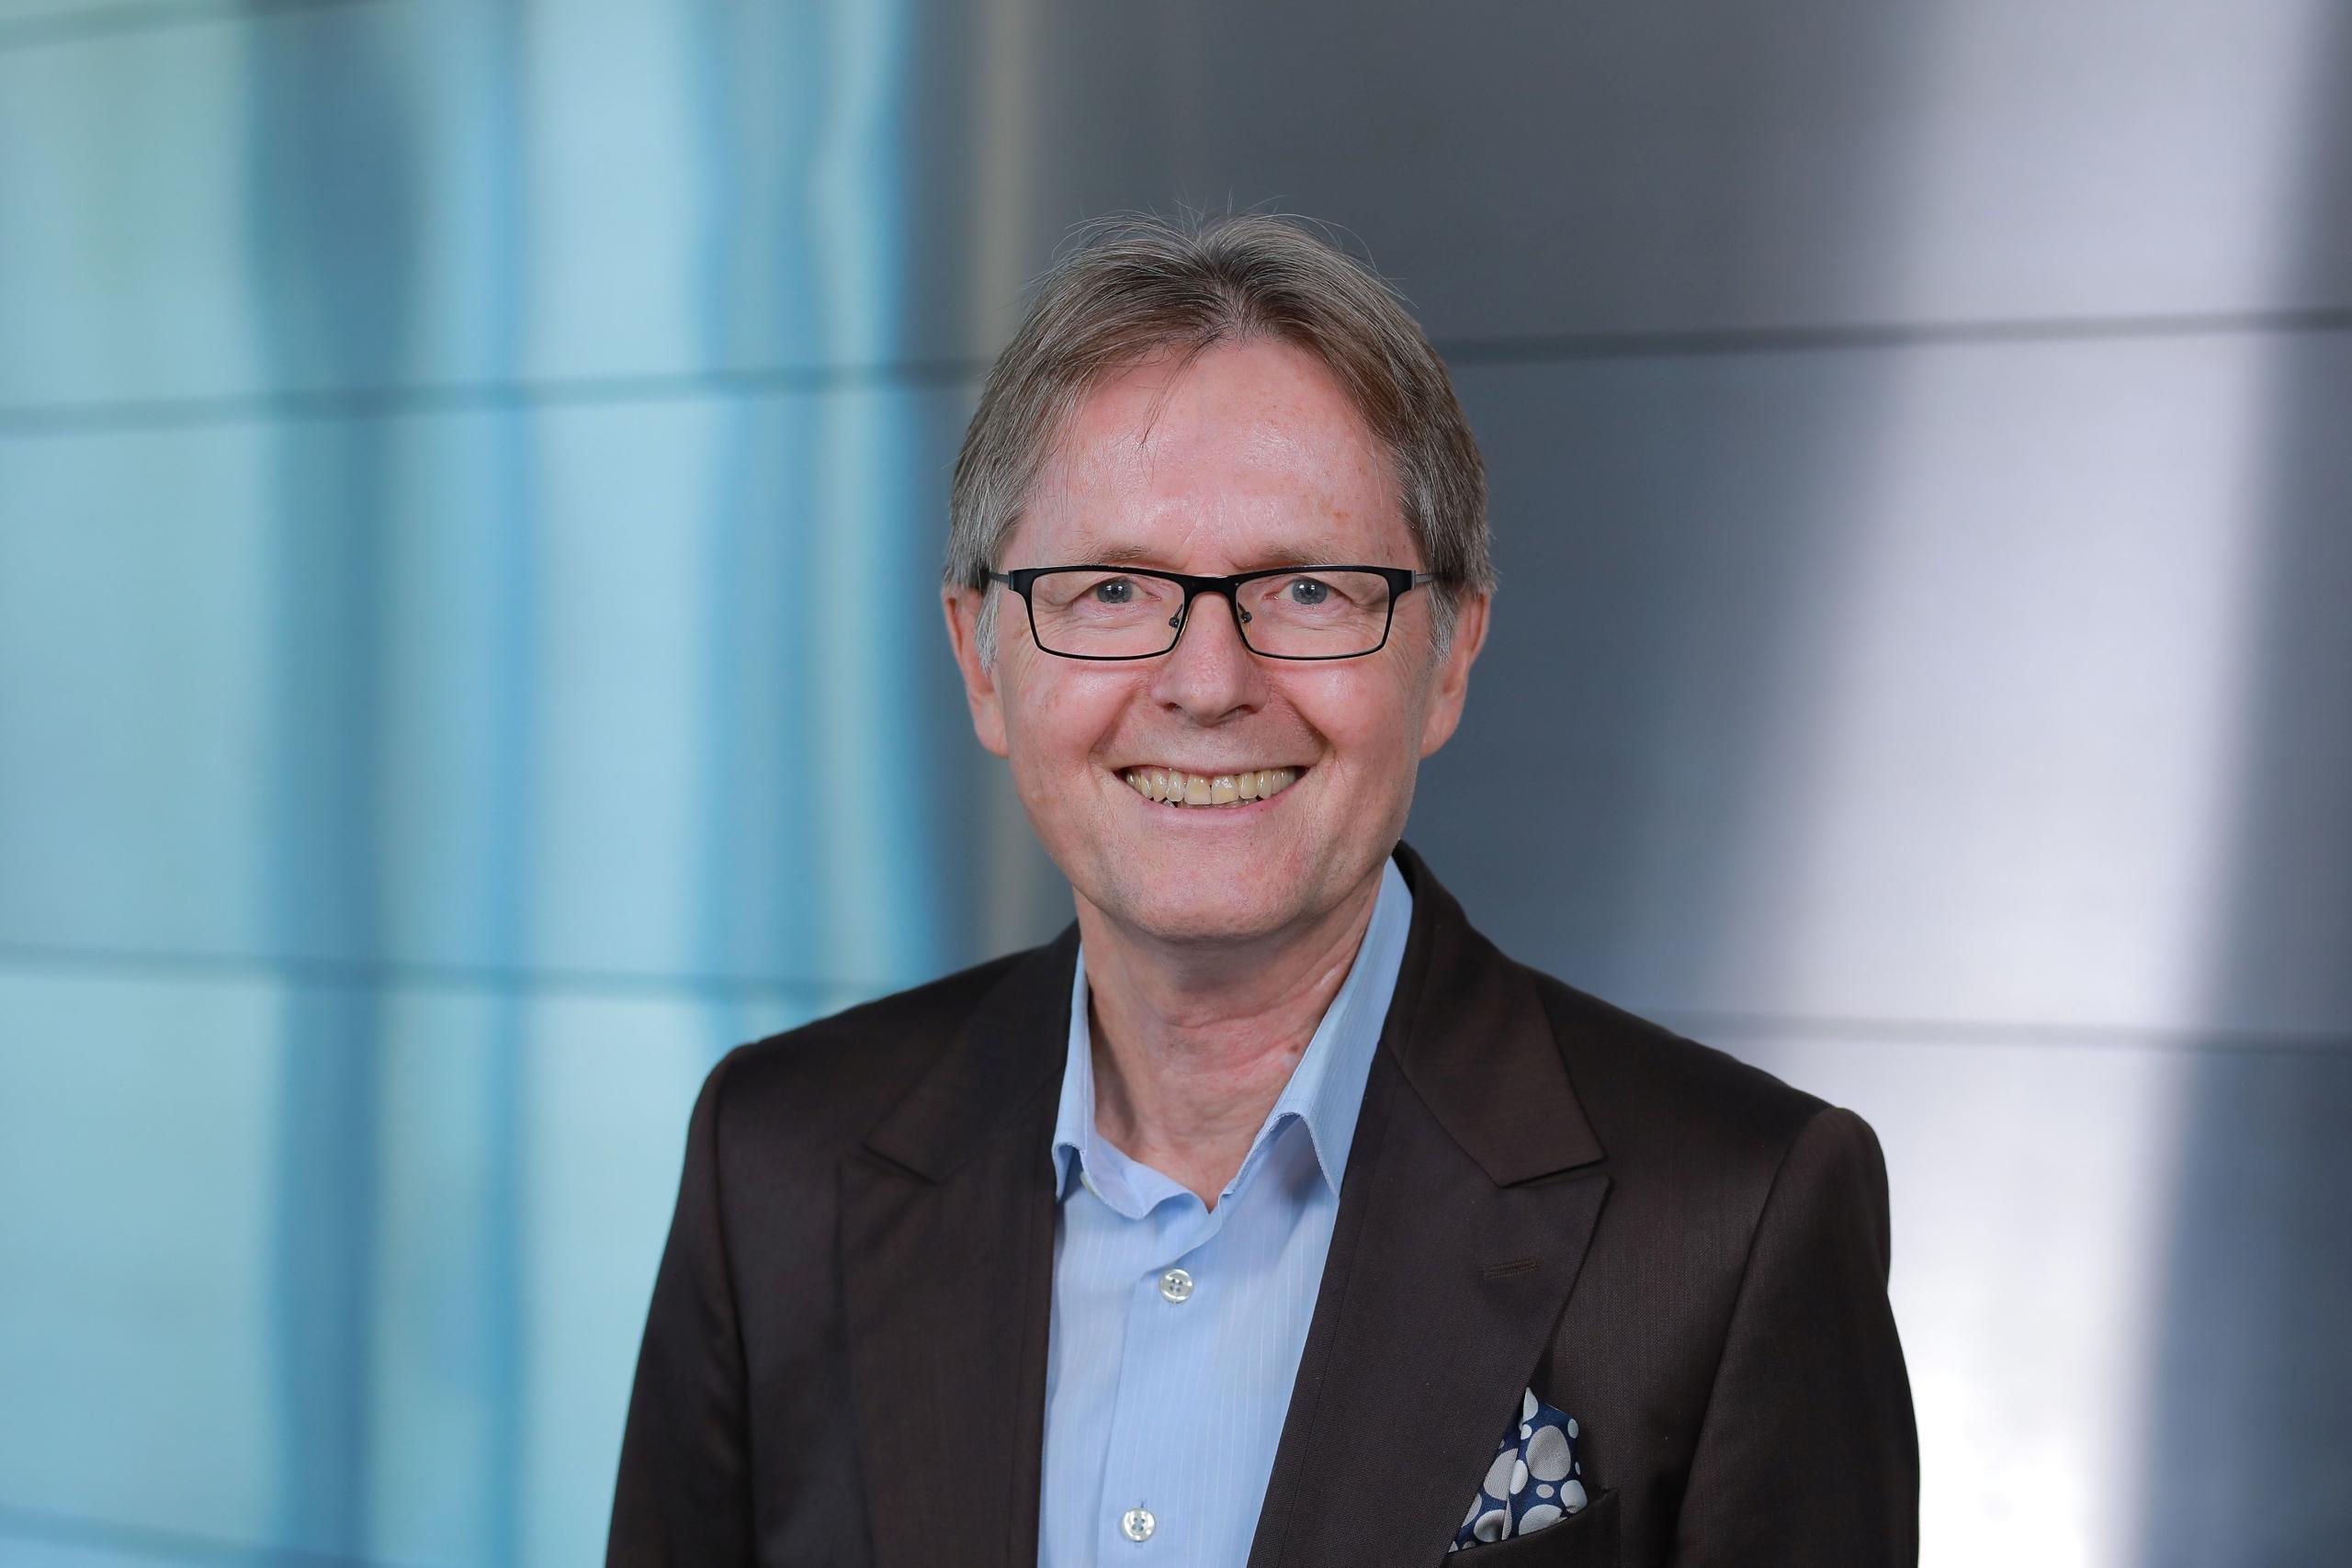 Abfallwirtschaftsverein wählte: Dezernent  Mankowsky stellvertretender Vorsitzender